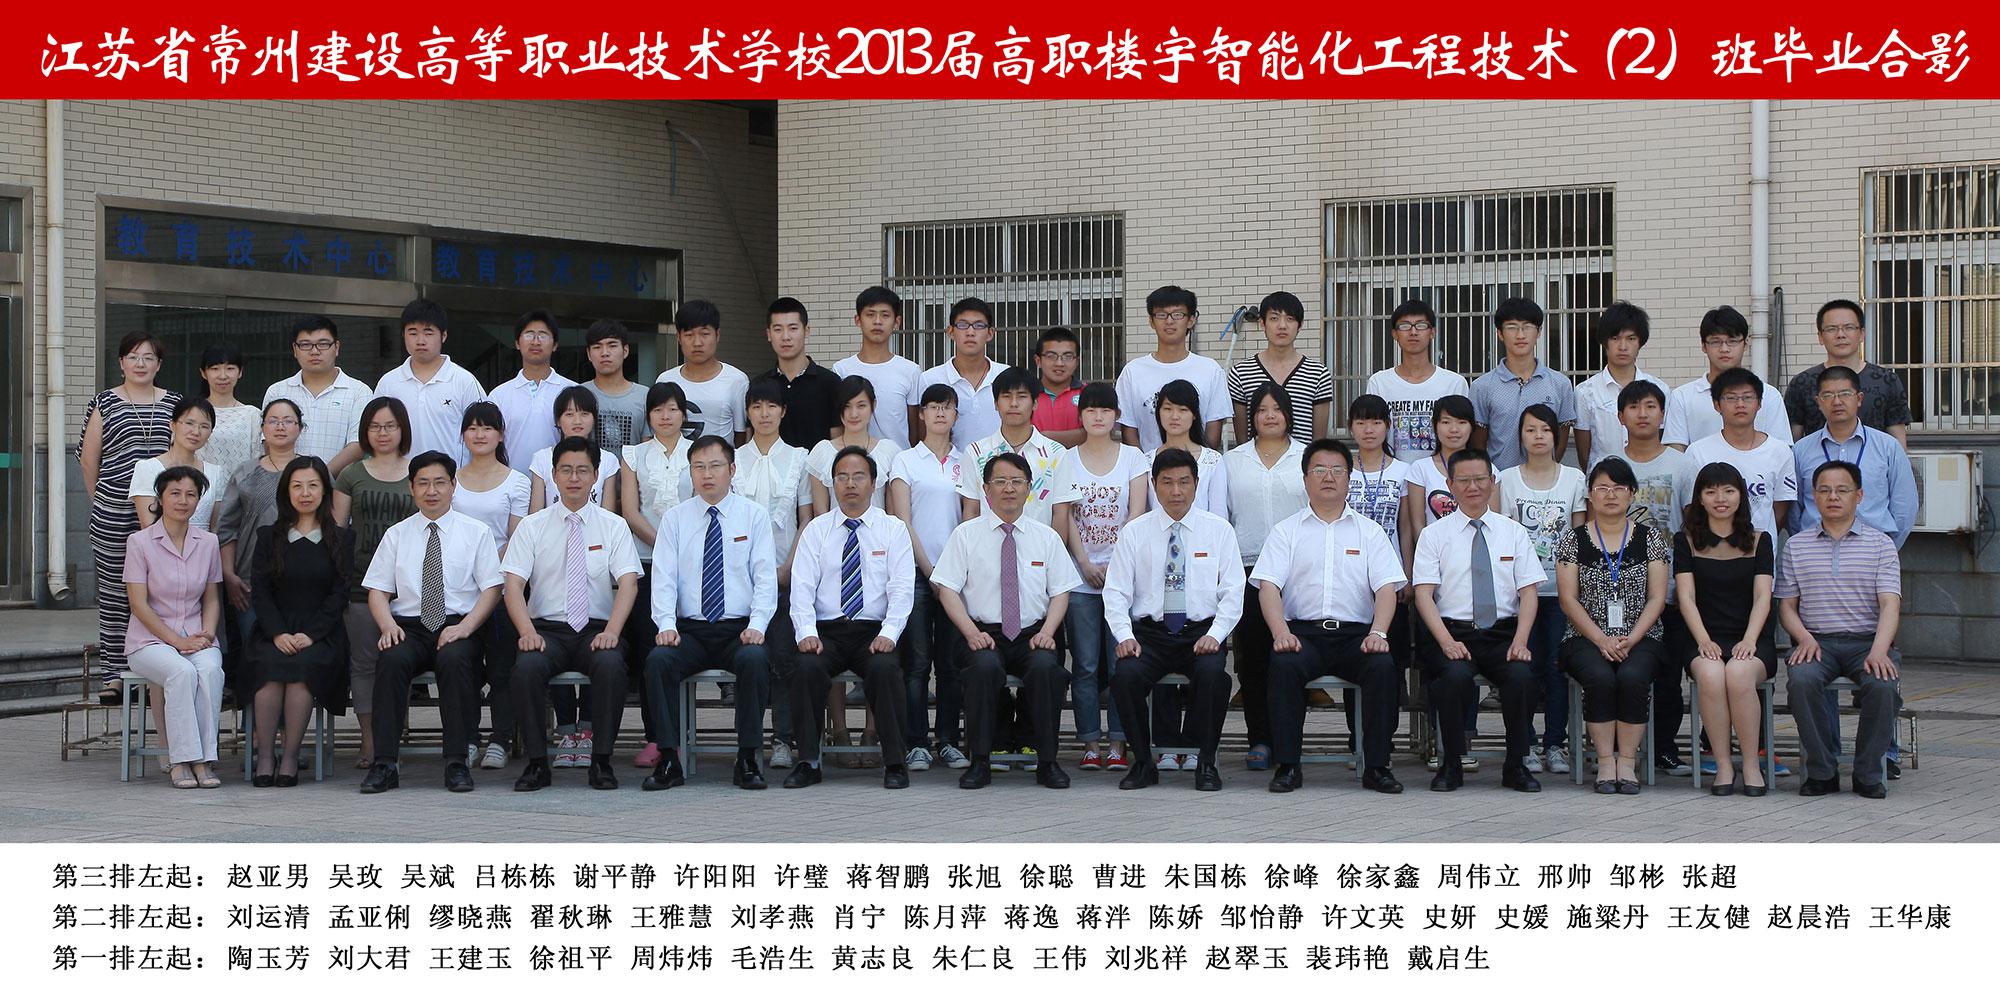 2013届高职楼宇智能化工程技术(...